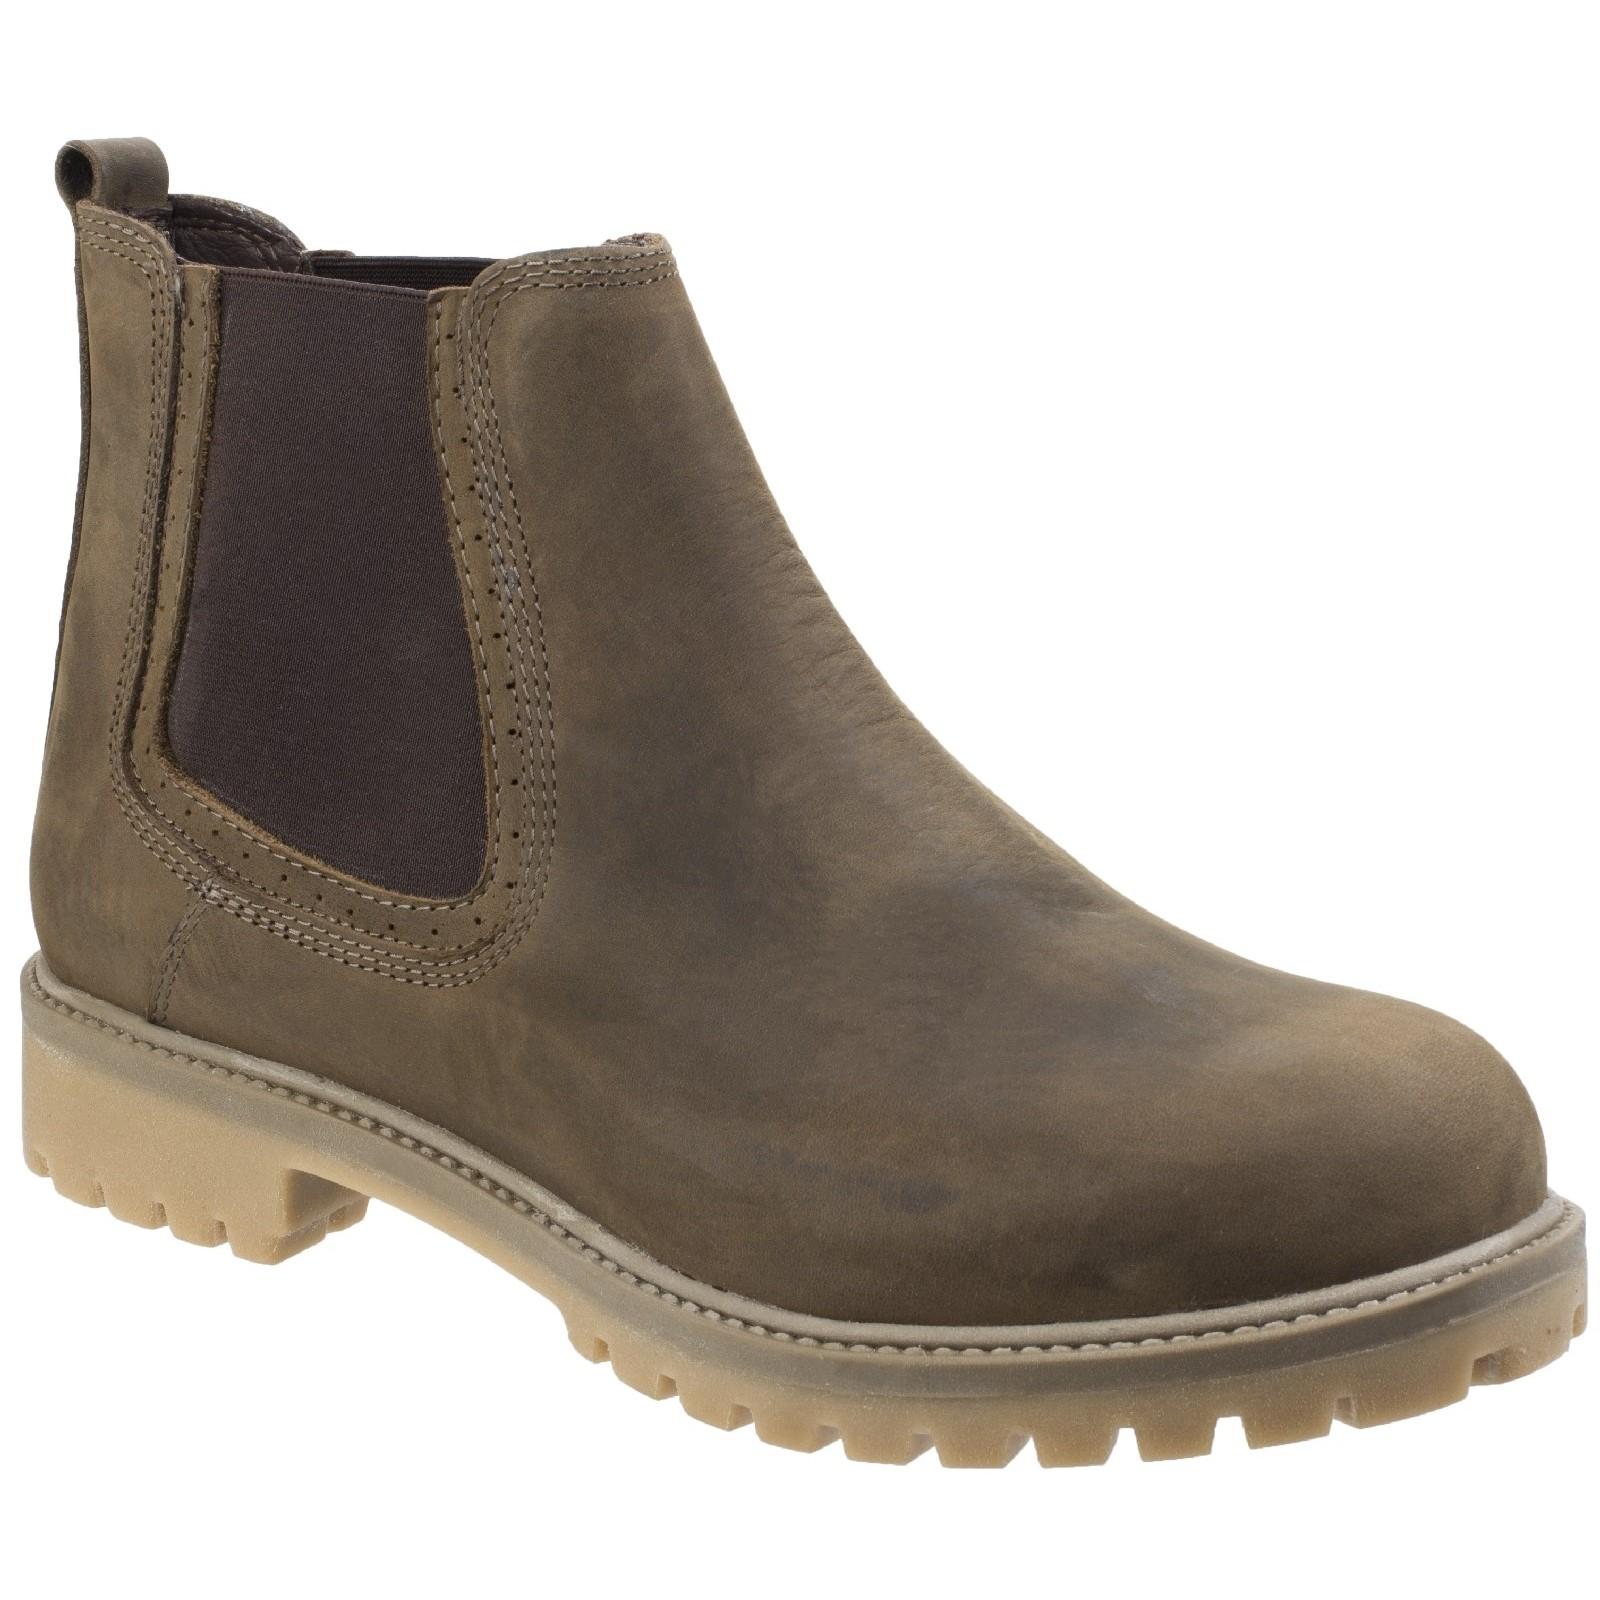 Darkwood Herren Hawthorn Freizeit Schuhe Stiefel